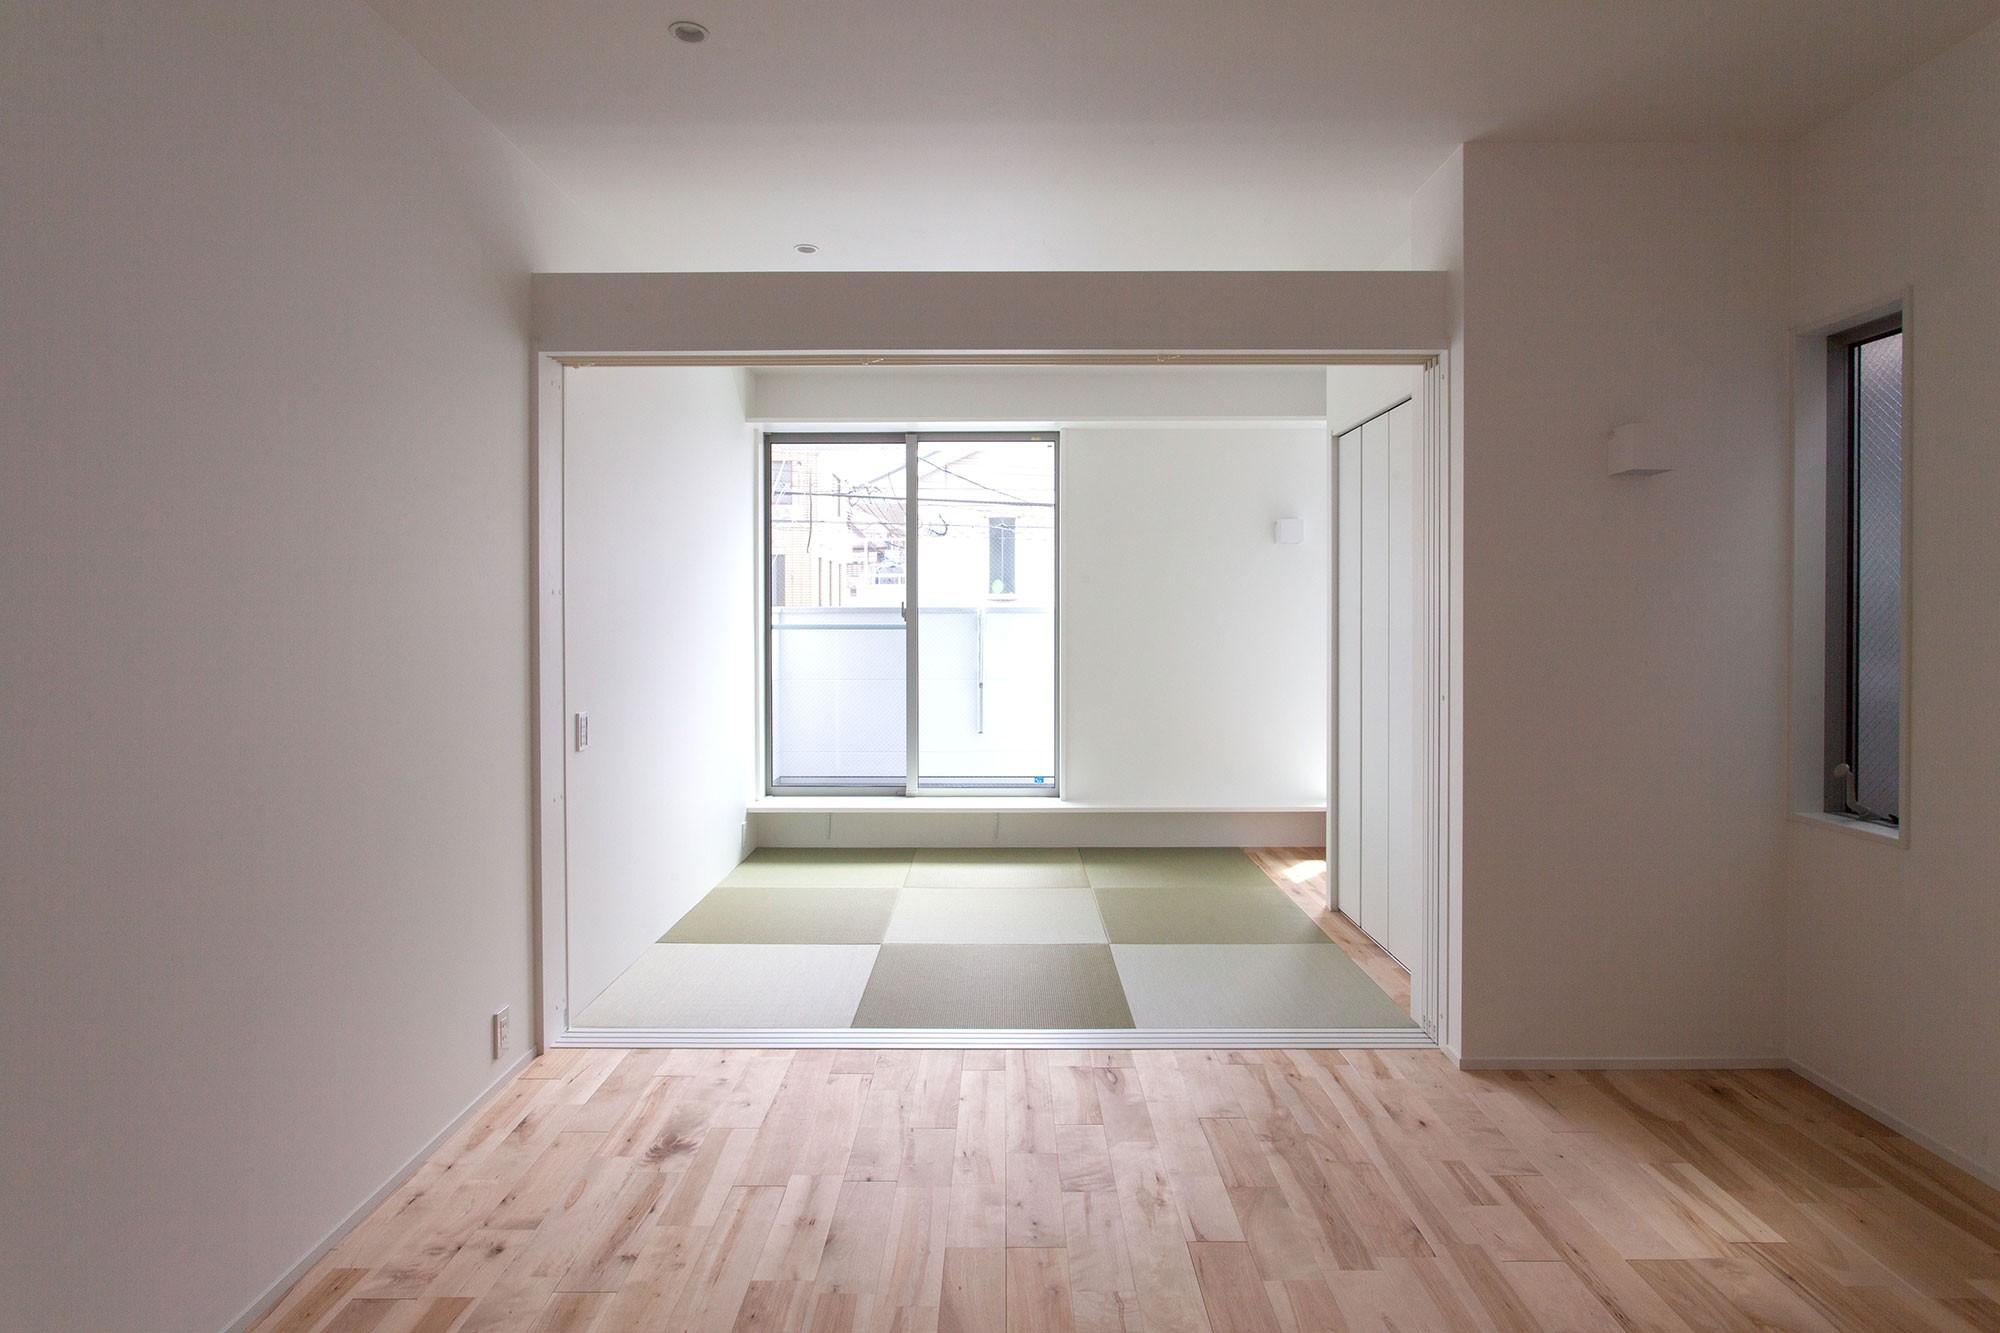 リビングダイニング事例:リビング(高島平の家-敷地形状を活かした伸びやかな住空間)